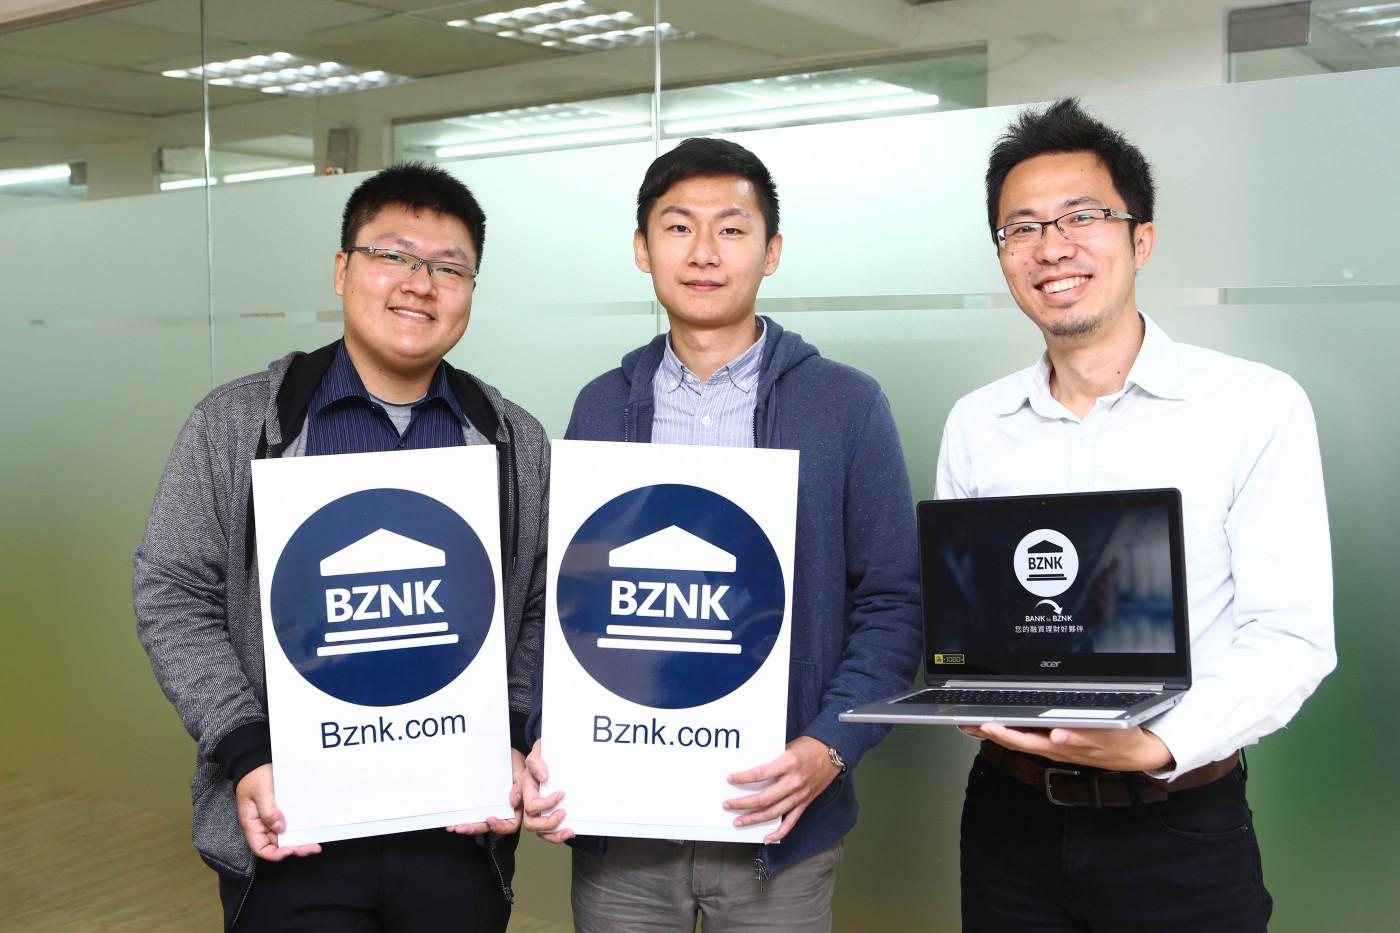 你是急需貼現的中小企業嗎?線上貼現媒合平台 BZNK 以區塊鏈技術完成你的需求